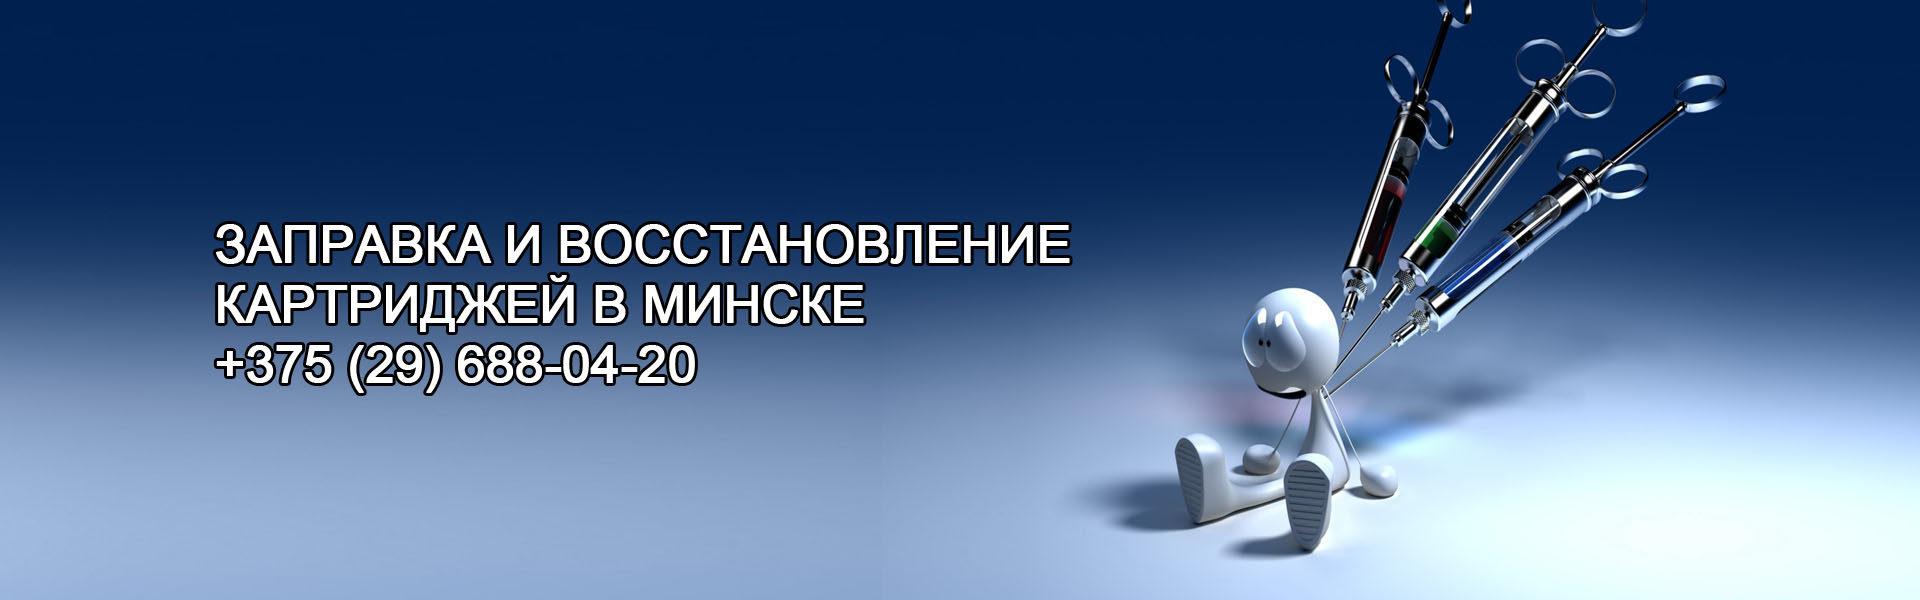 Заправка картриджей в Минске. Низкие цены! Работаем с НДС.